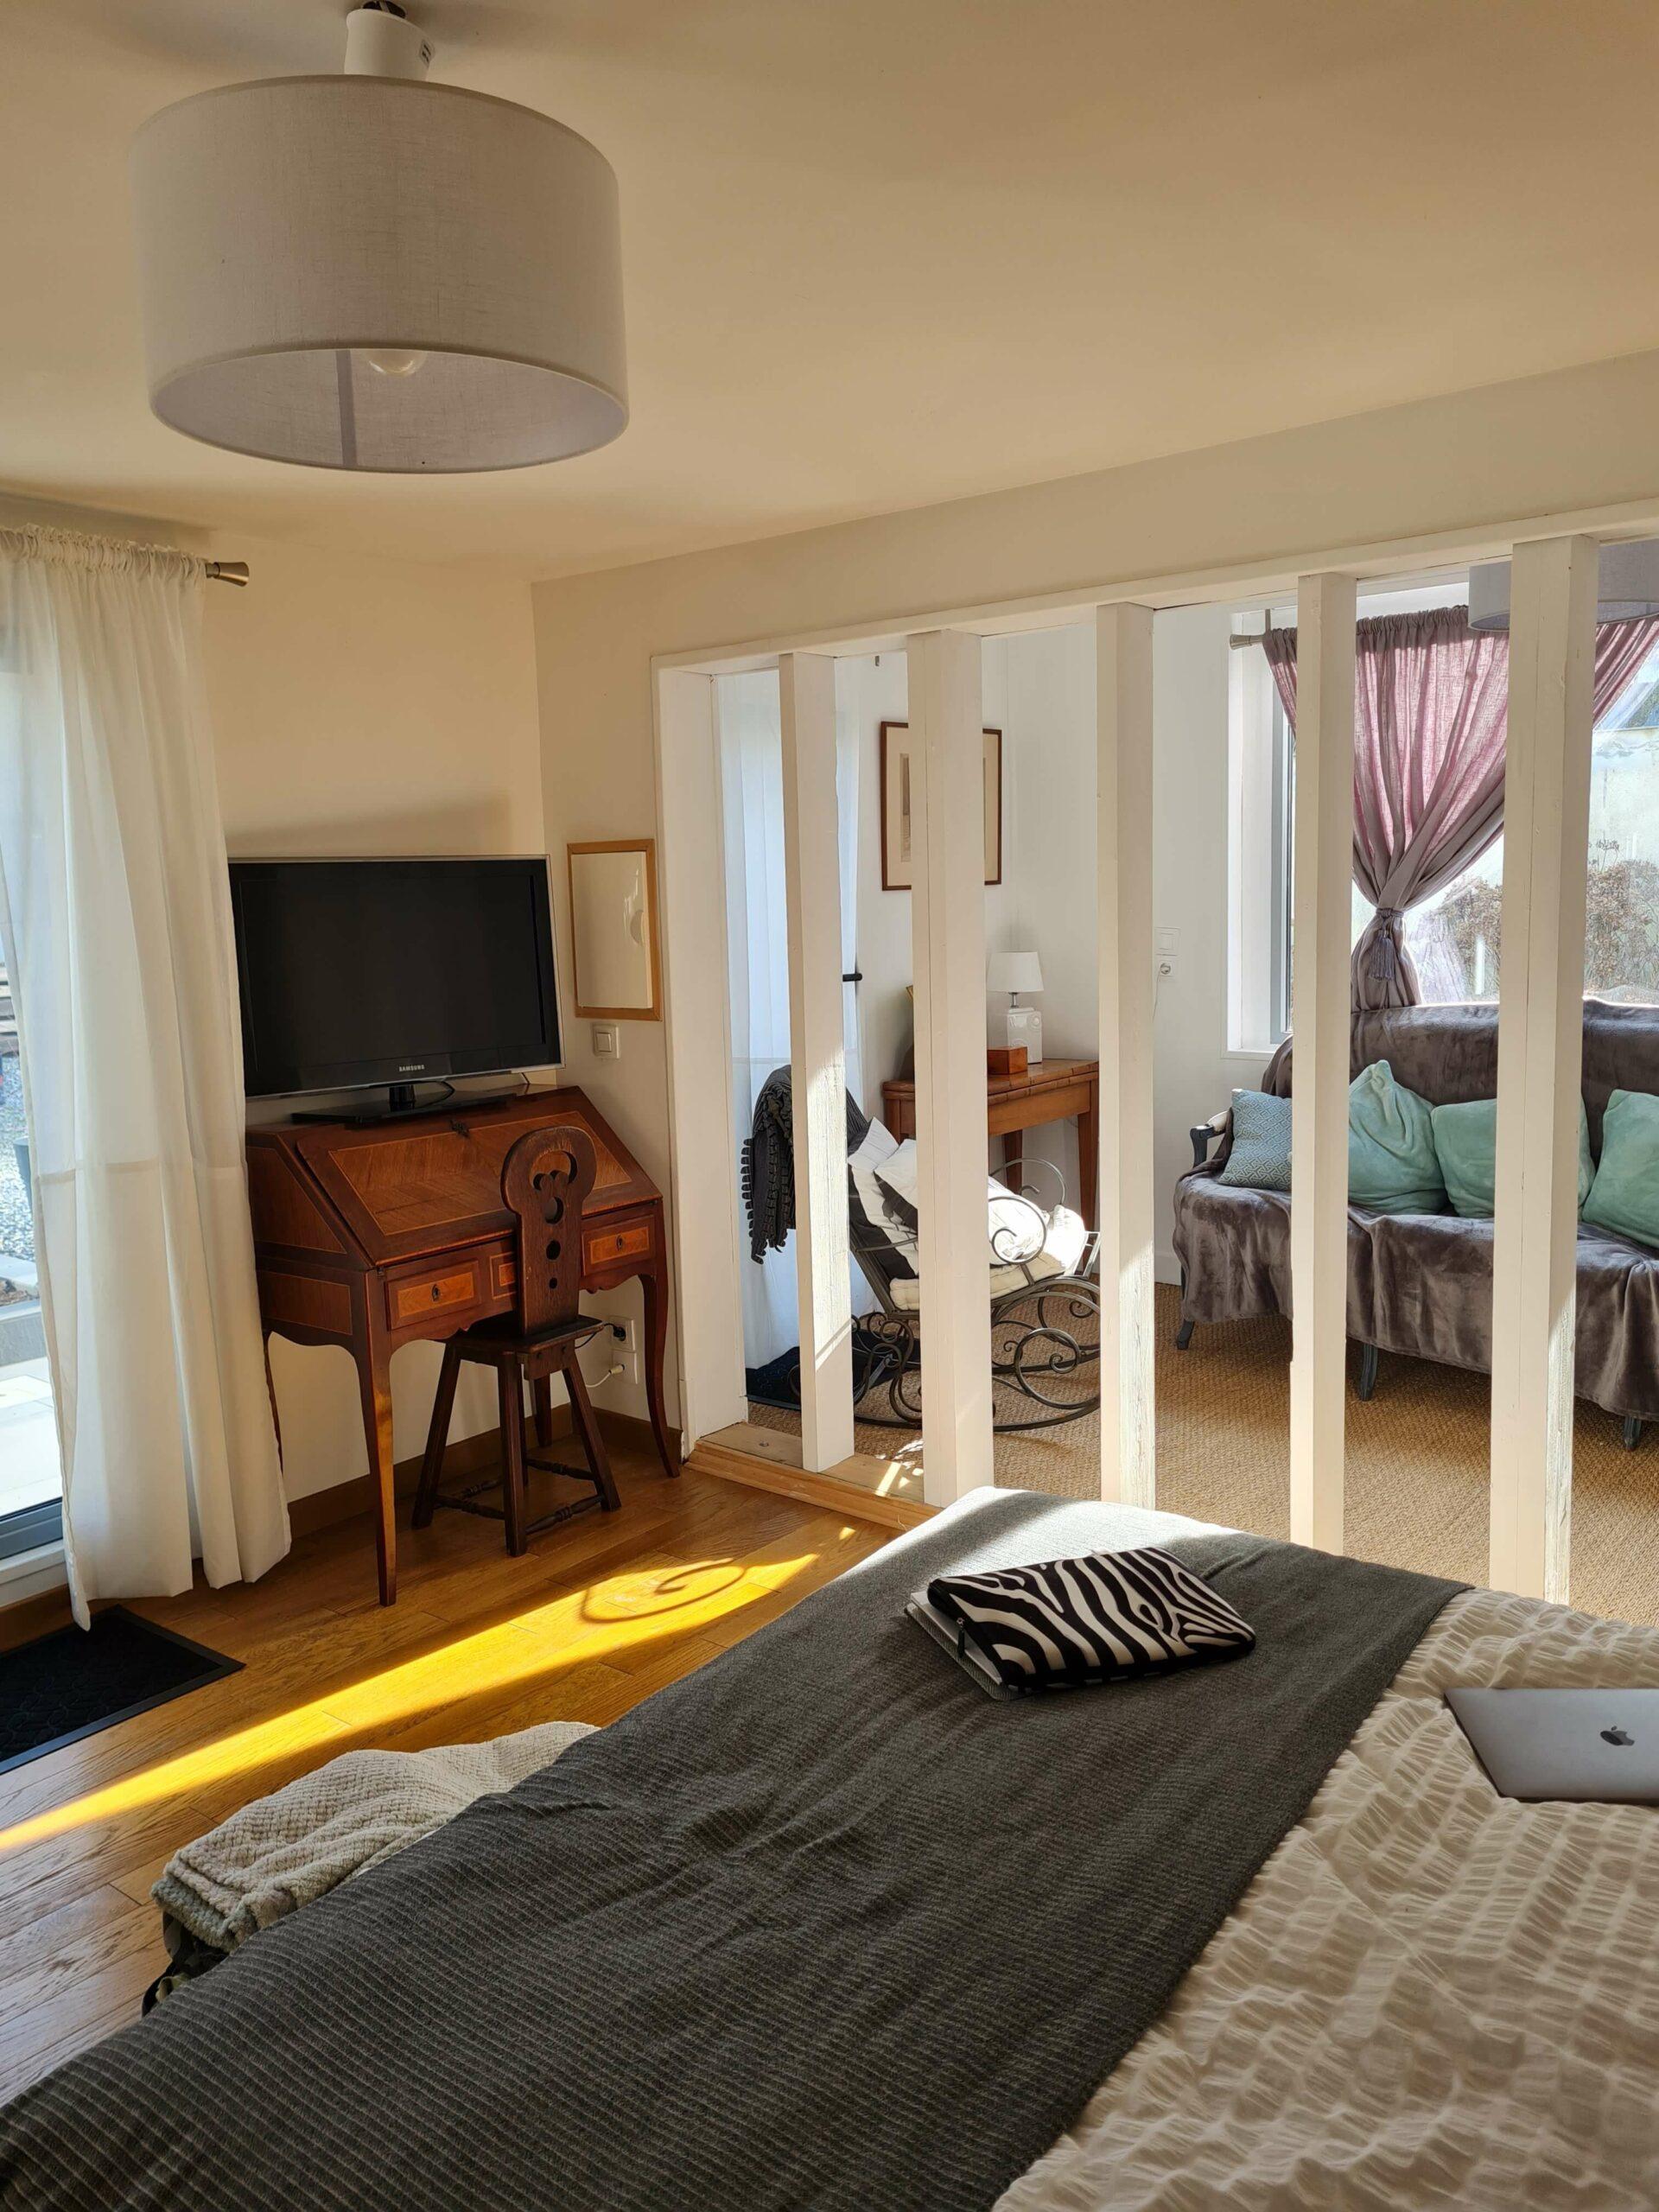 20210213 143934 scaled - Airbnb Tour : visite privée d'une tiny house à Bayeux